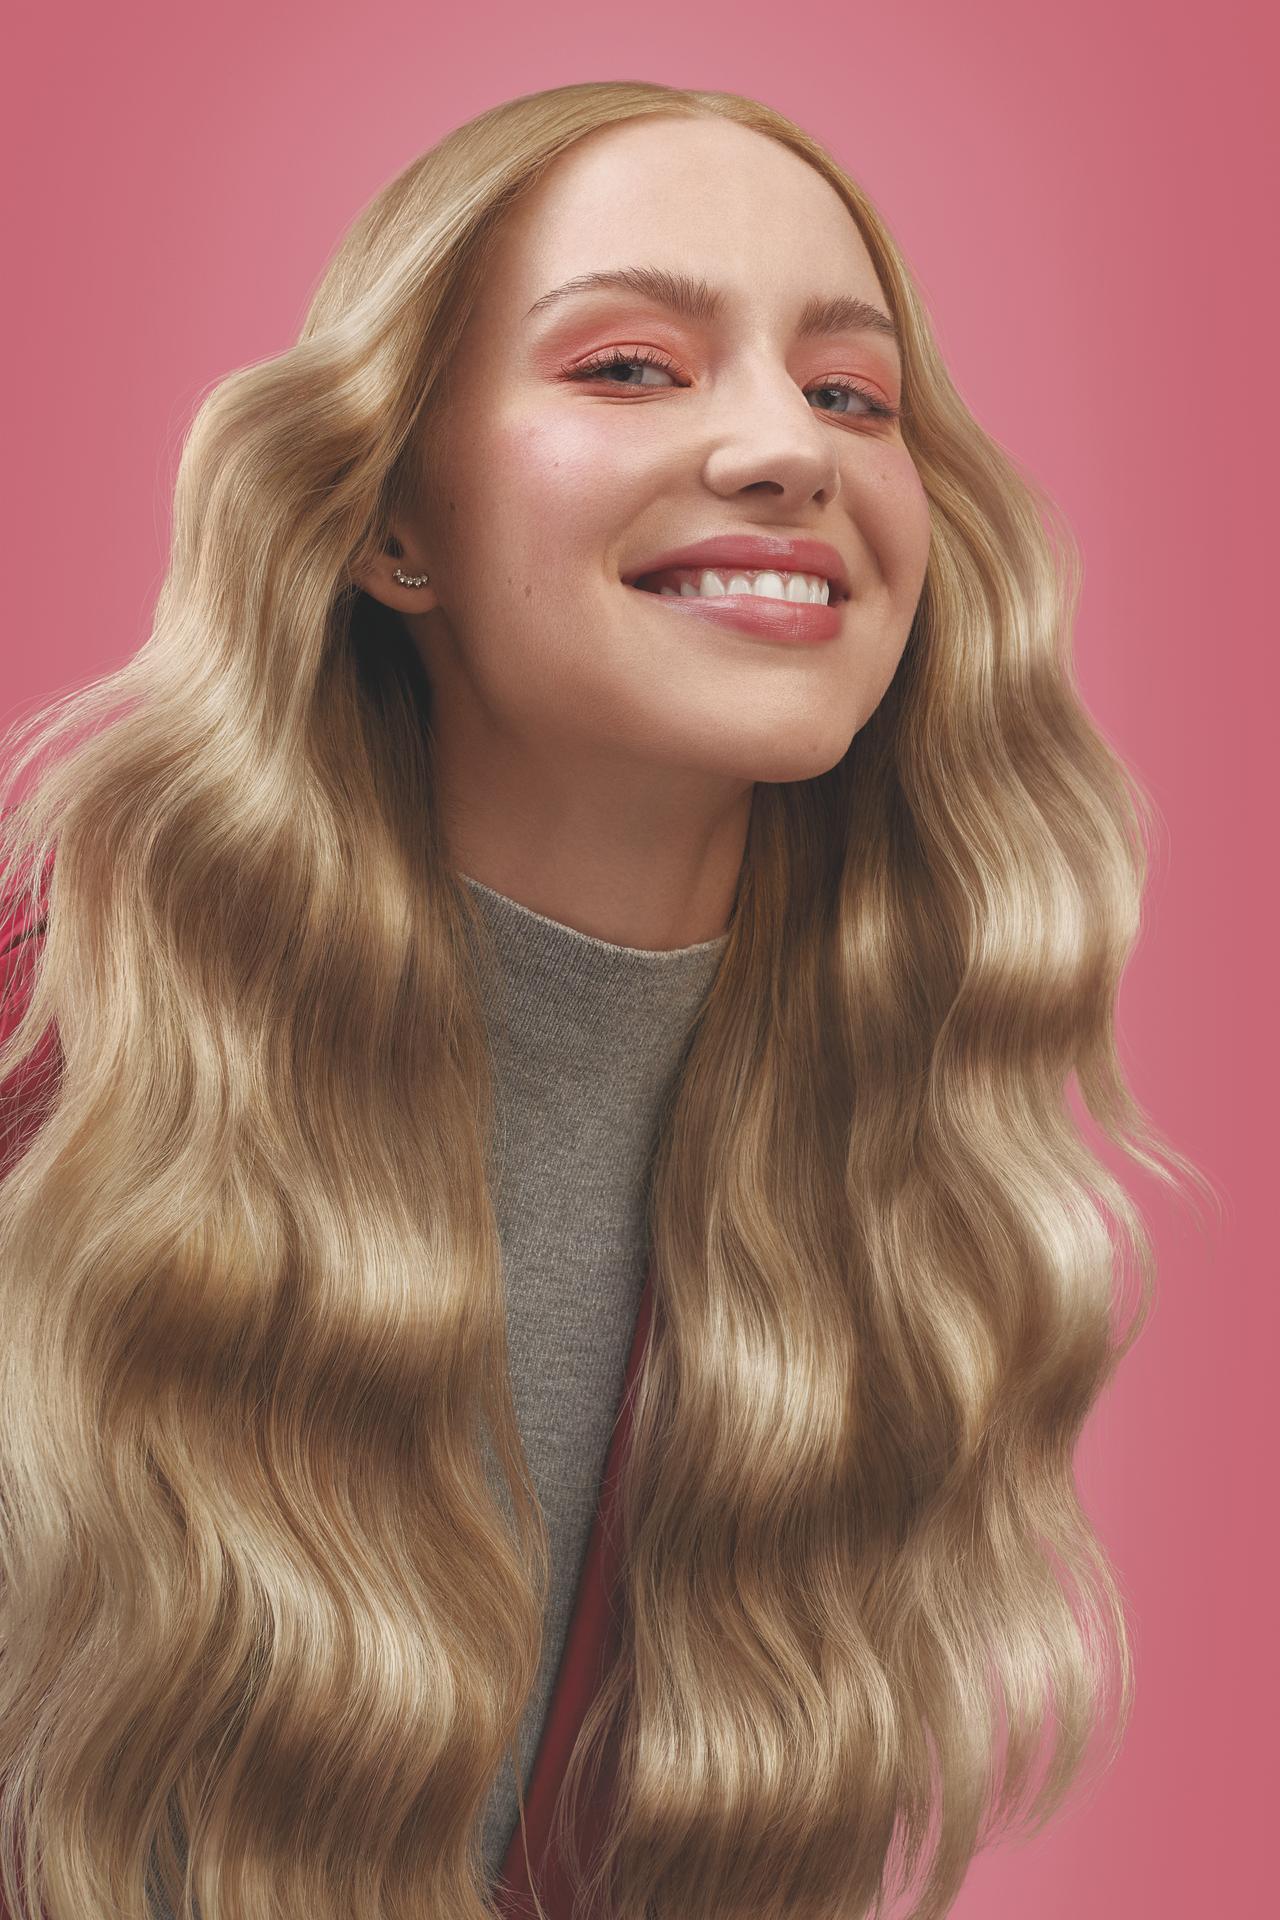 Modelo Loira com cabelos brilhosos